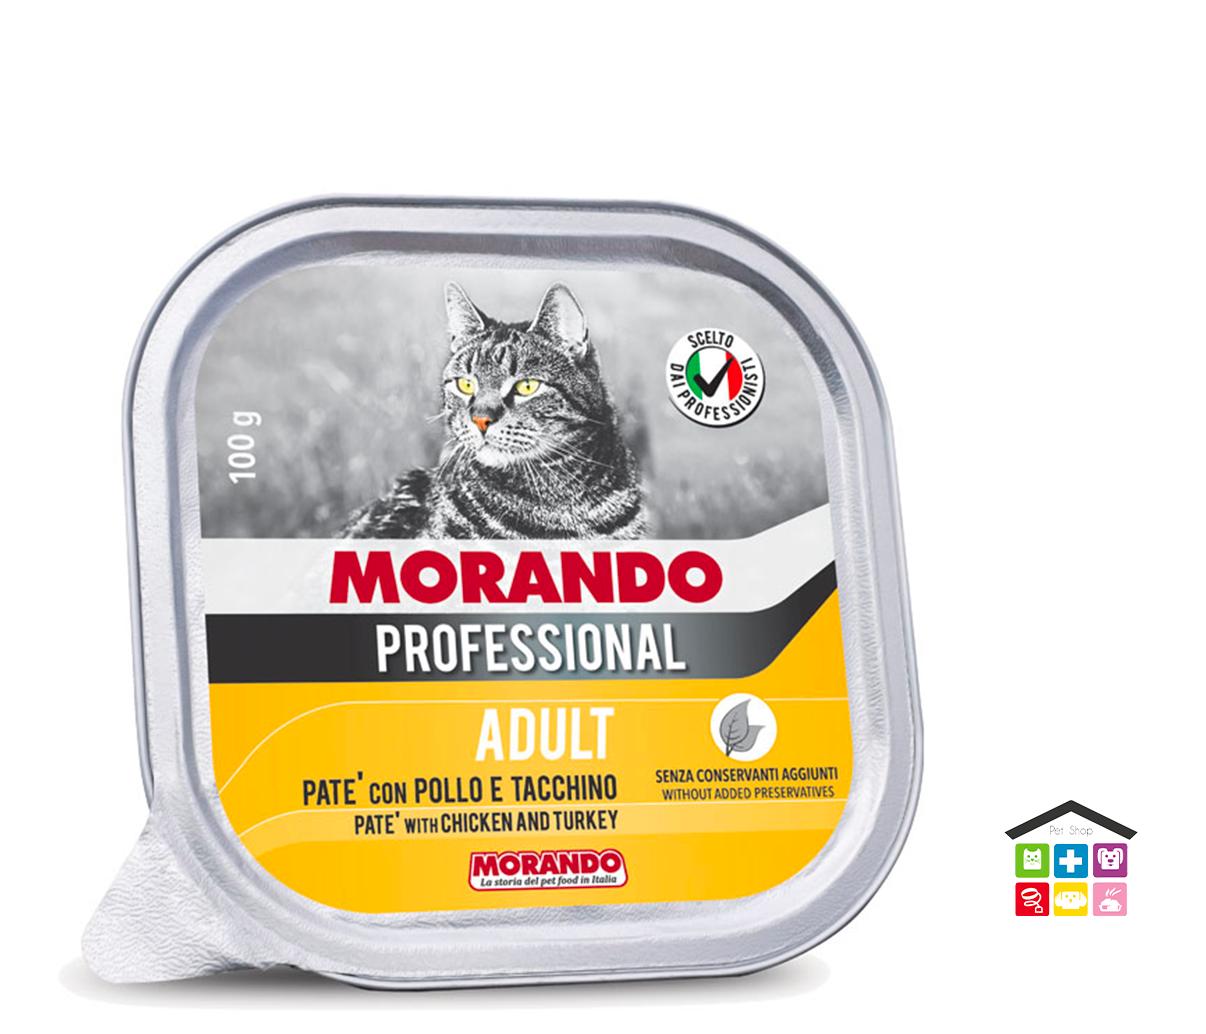 Morando Professional ADULT PATÈ CON POLLO E TACCHINO 100g